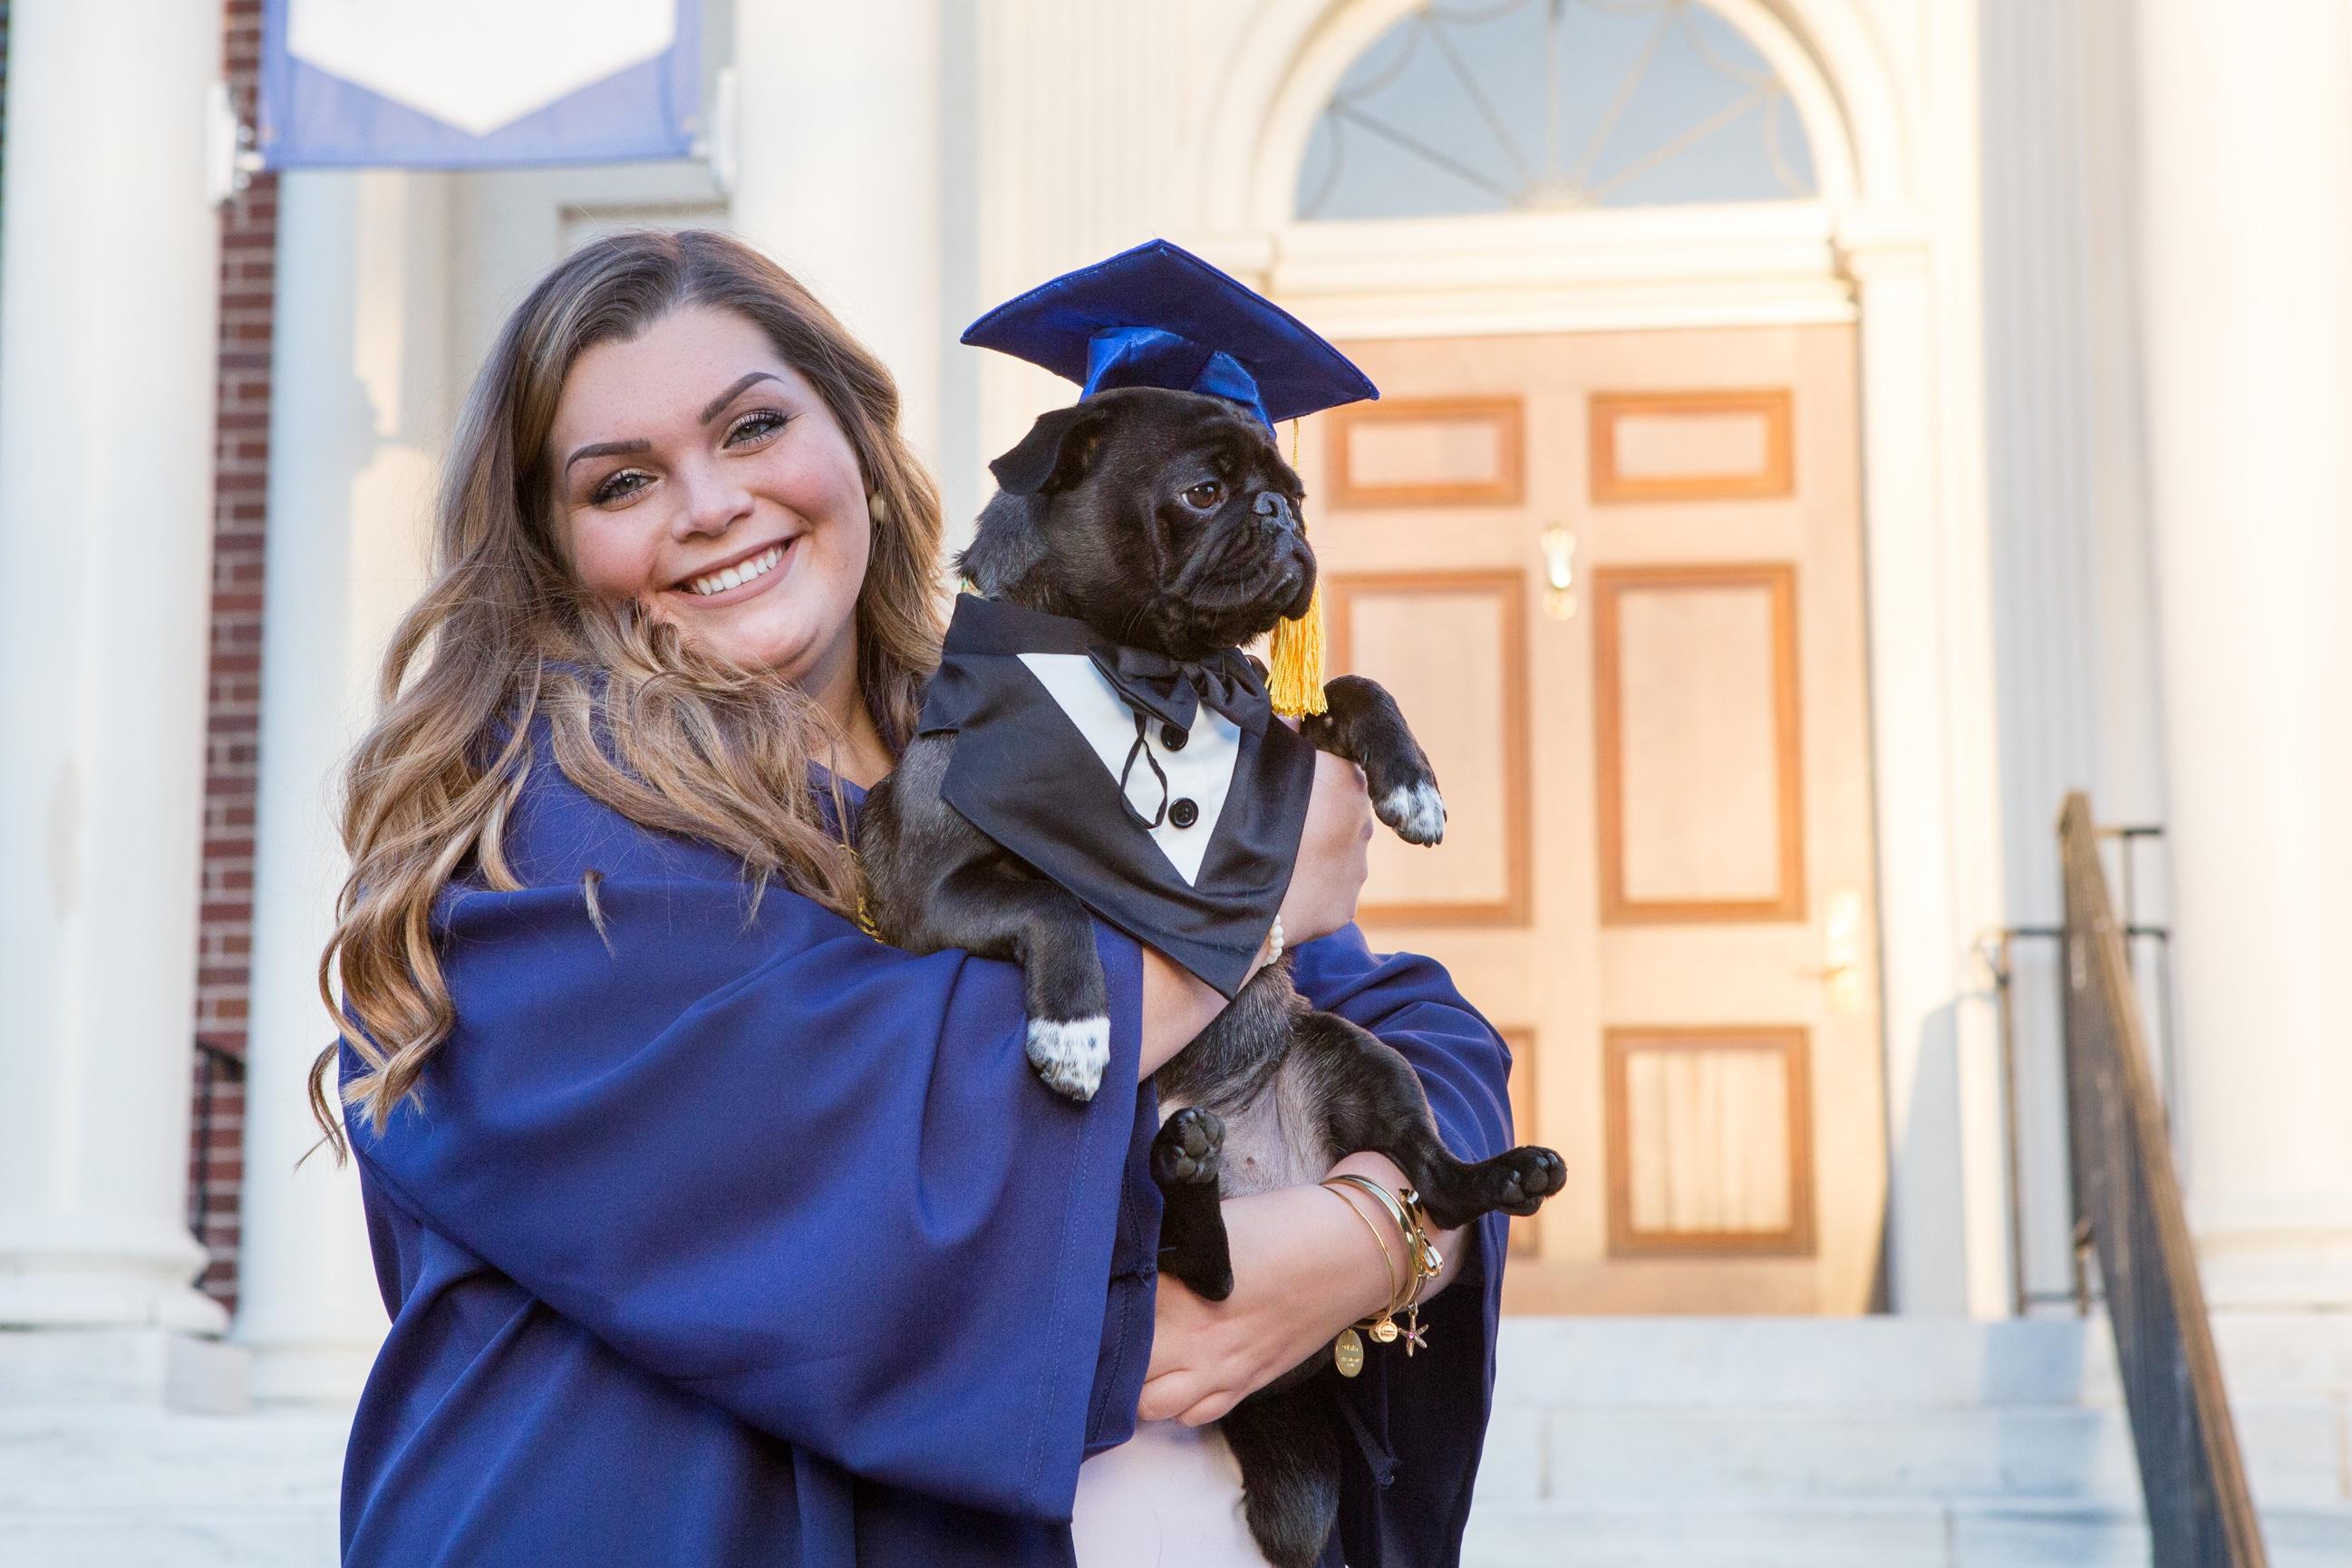 UNCG Cap & Gown and Graduation Session - Elizabeth Larson Photography